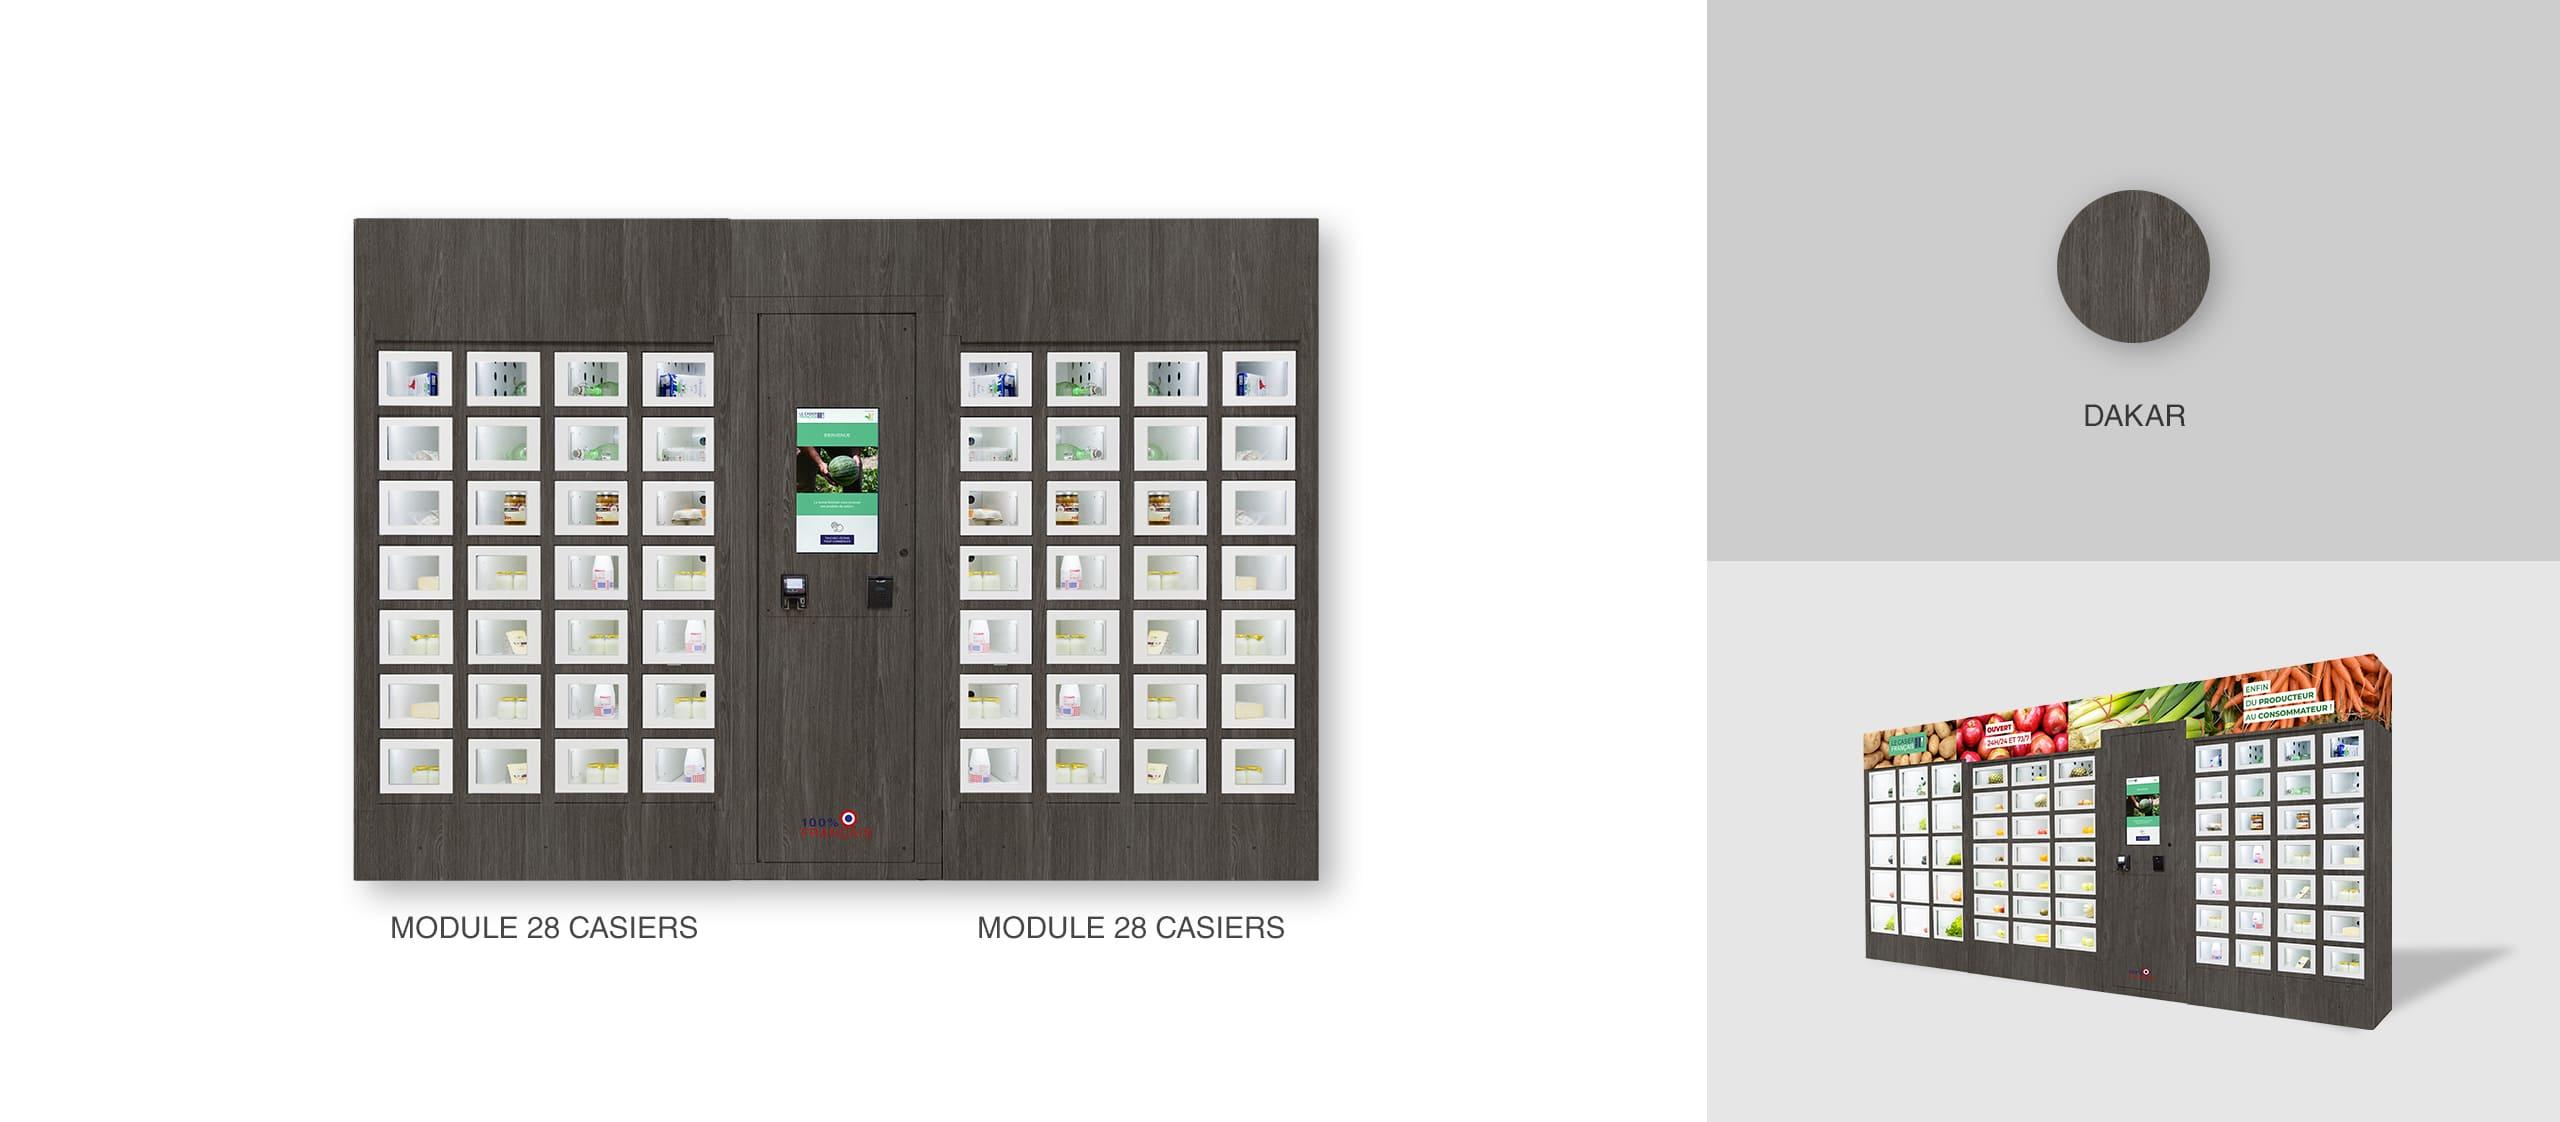 Habillage Dakar d'un distributeur automatique Le Casier Français